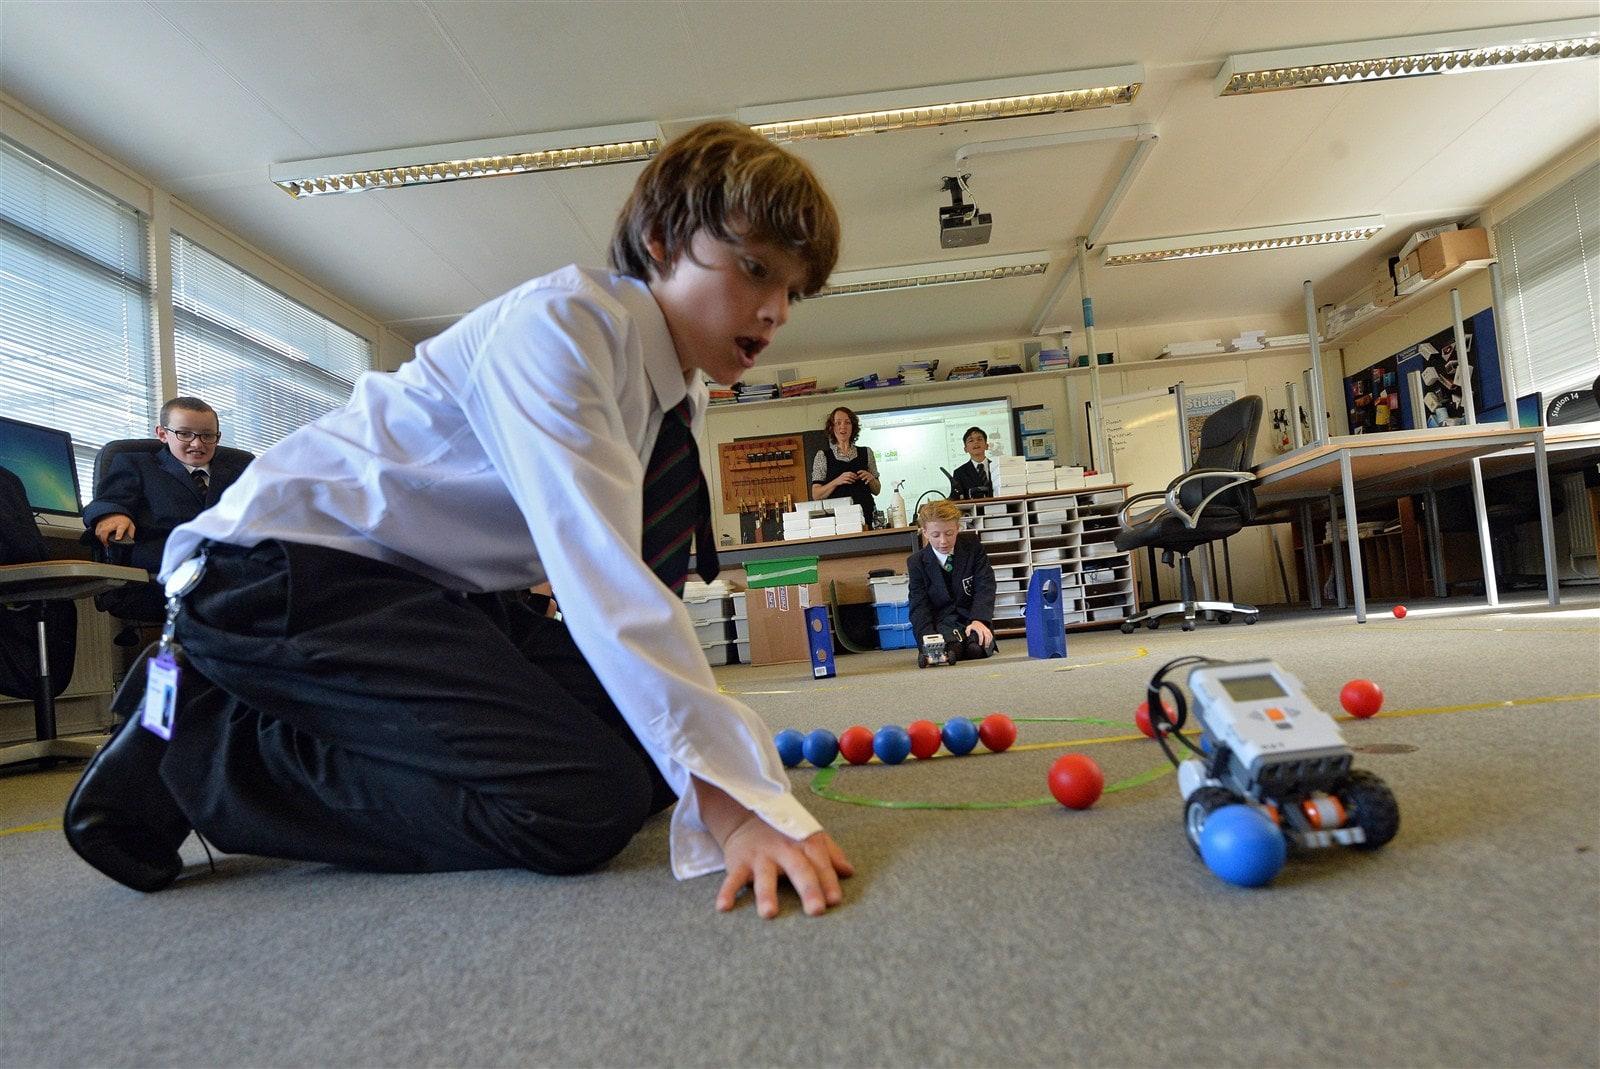 частные школы Шотландии, бизнес-ставки